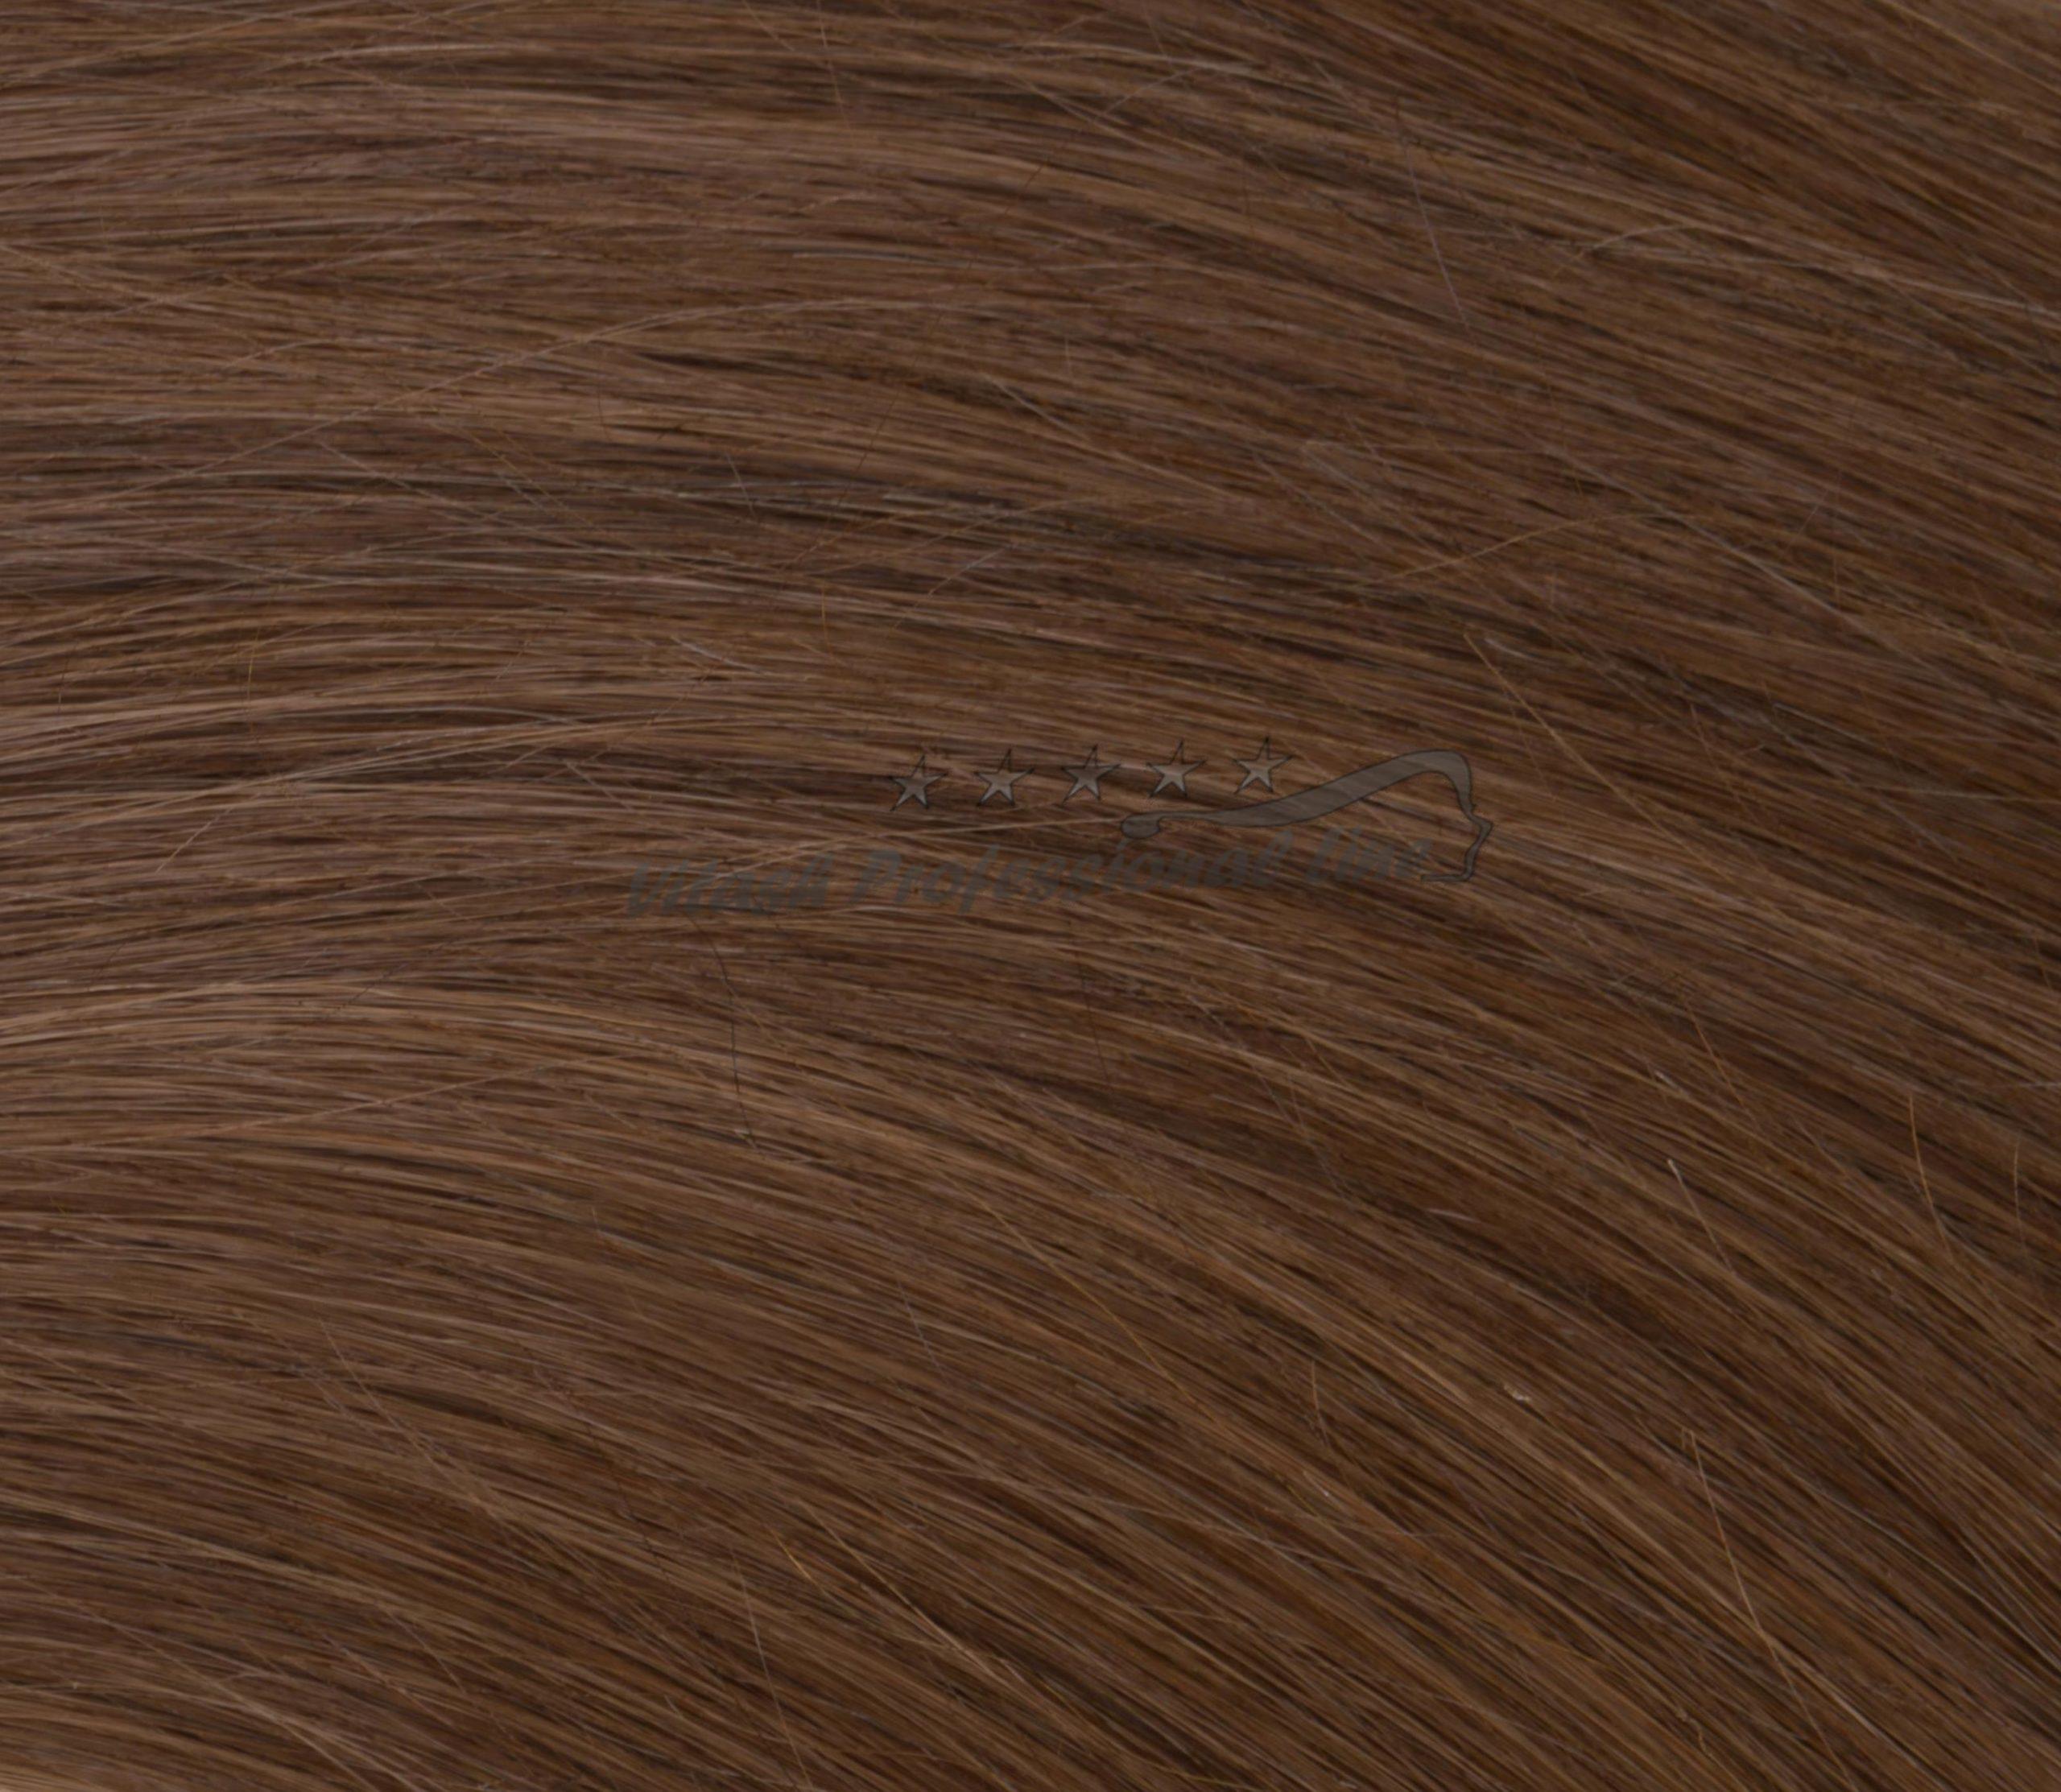 25 REMY indische Echthaar Strähnen leicht gewellt - 0,8 Gramm pro Strähne #6- karamellbraun